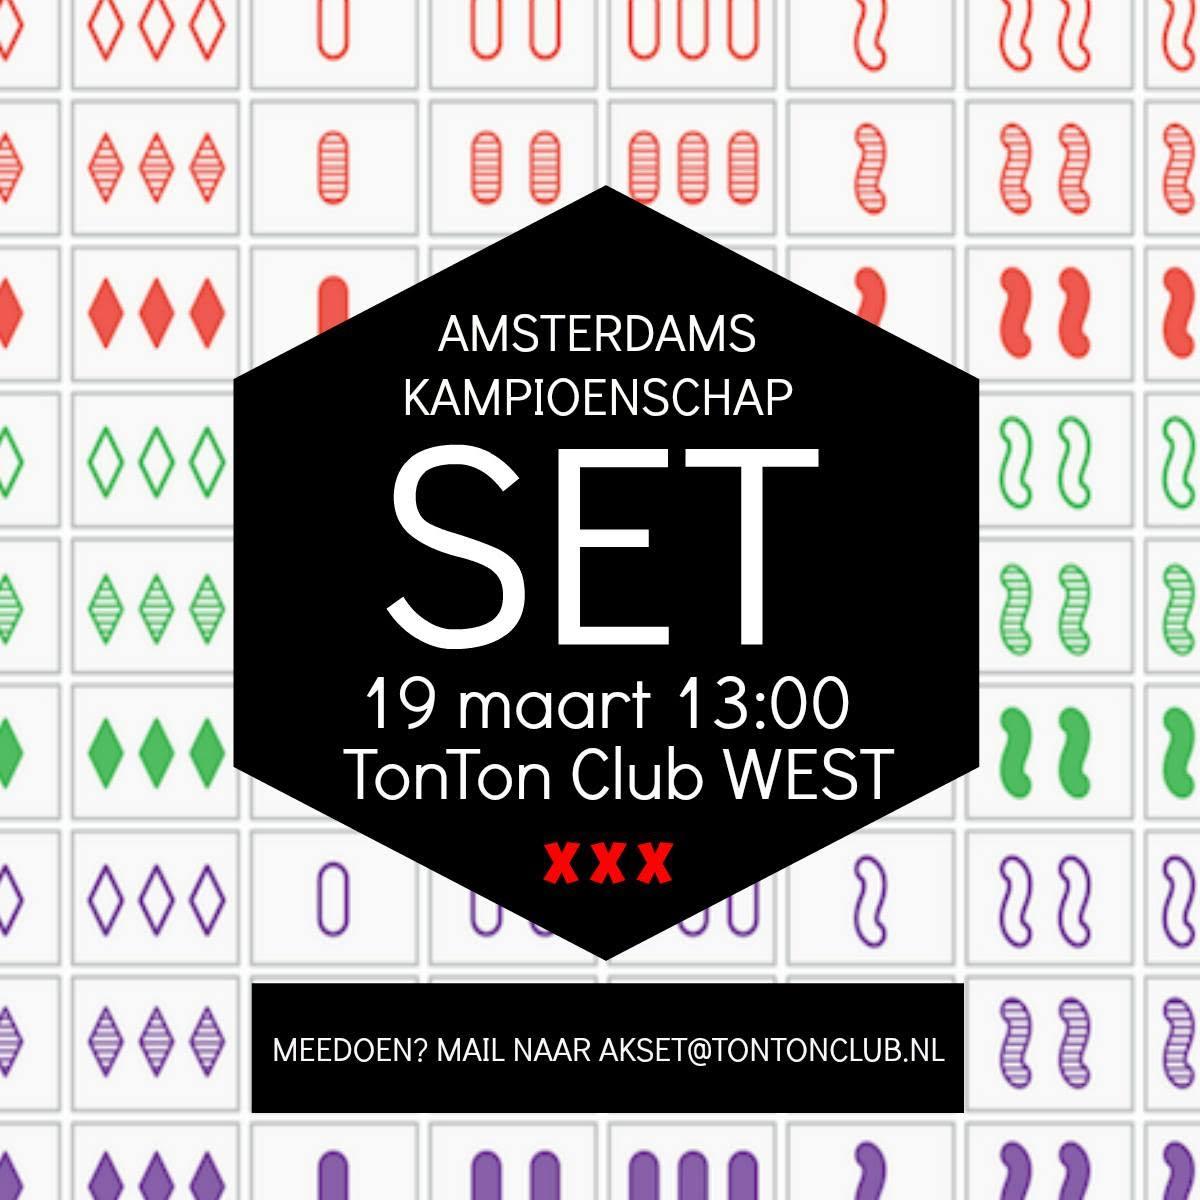 Amsterdams Kampioenschap SET